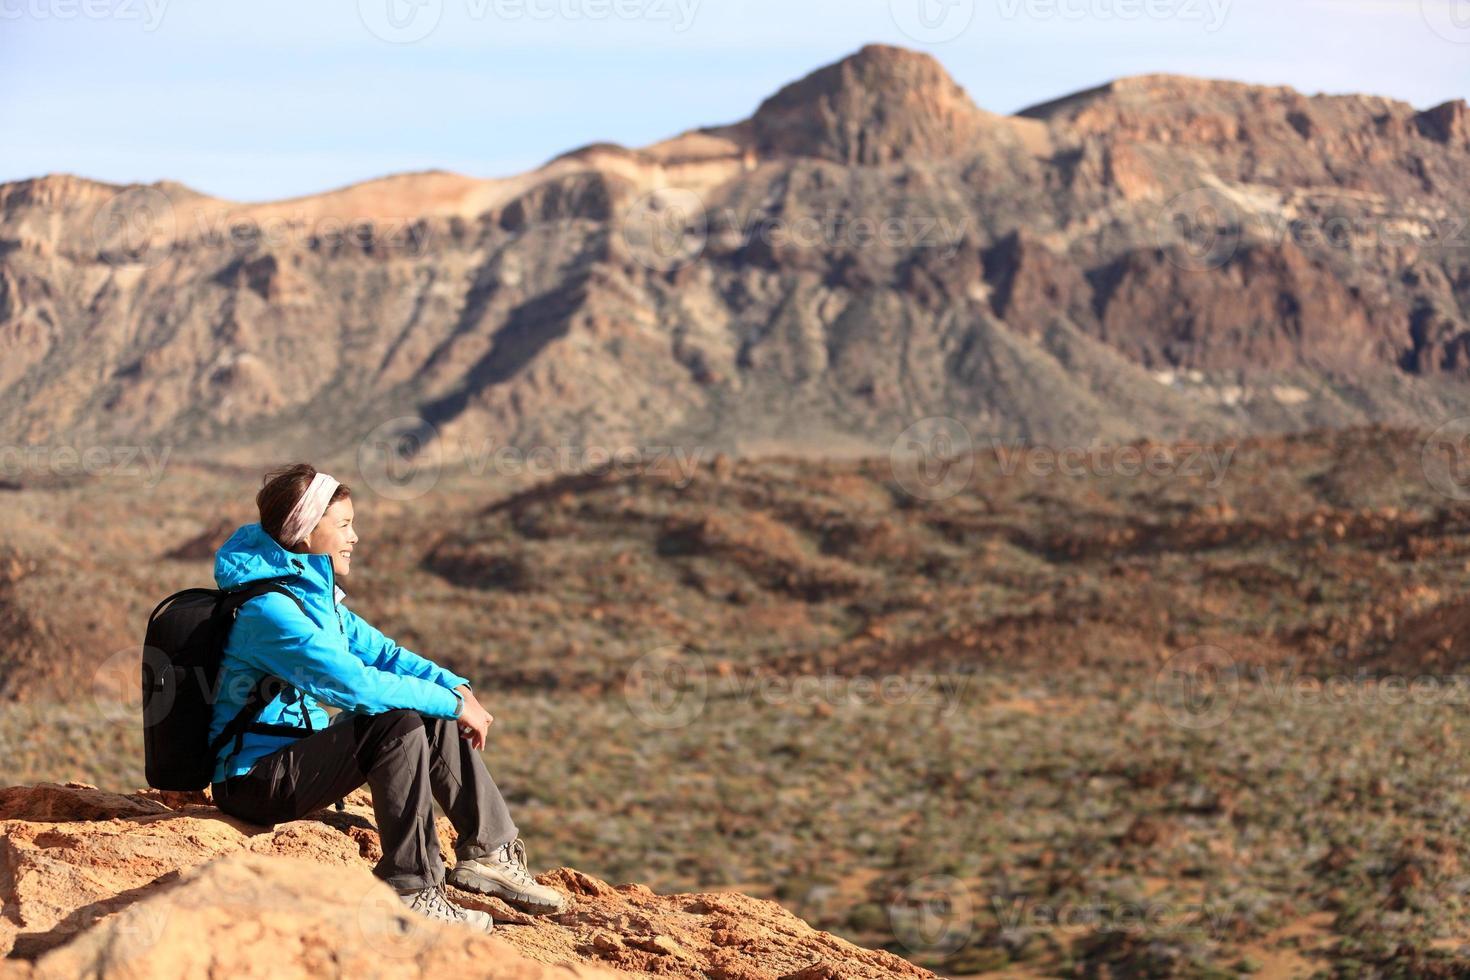 randonnée - randonneur femme appréciant la vue photo